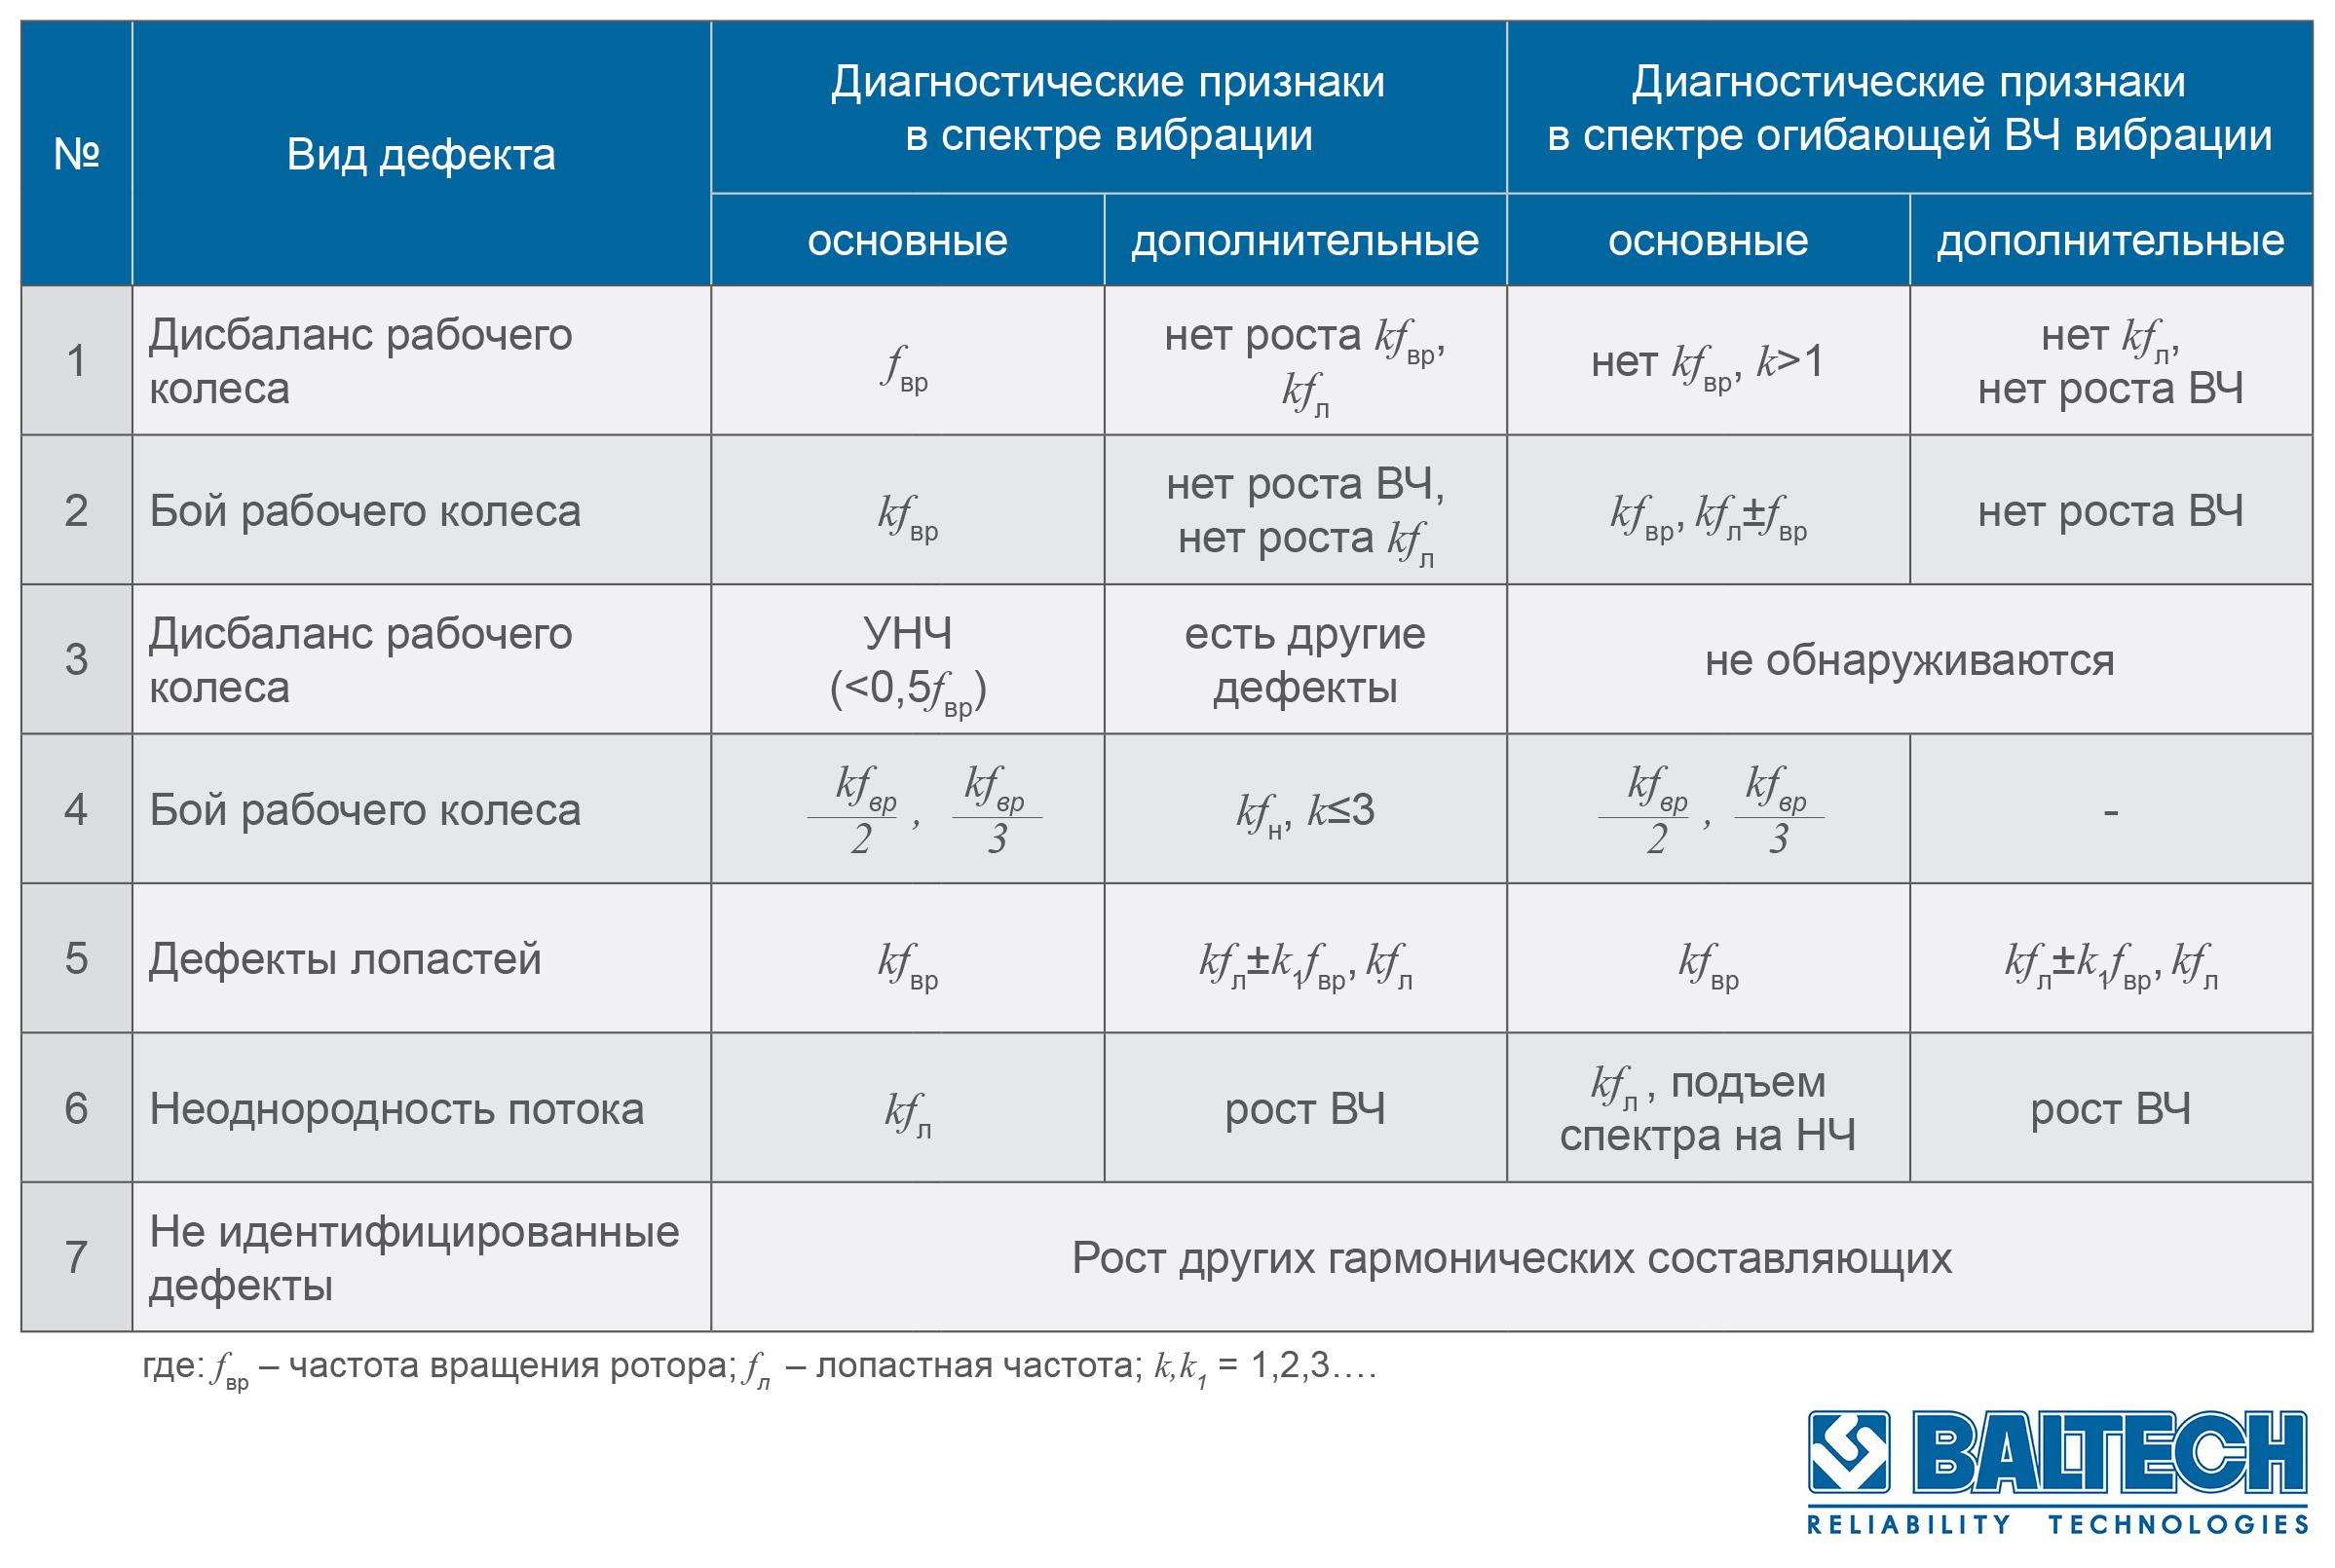 Таблица диагностических признаков вентиляторов, дымососов, вентагрегатов